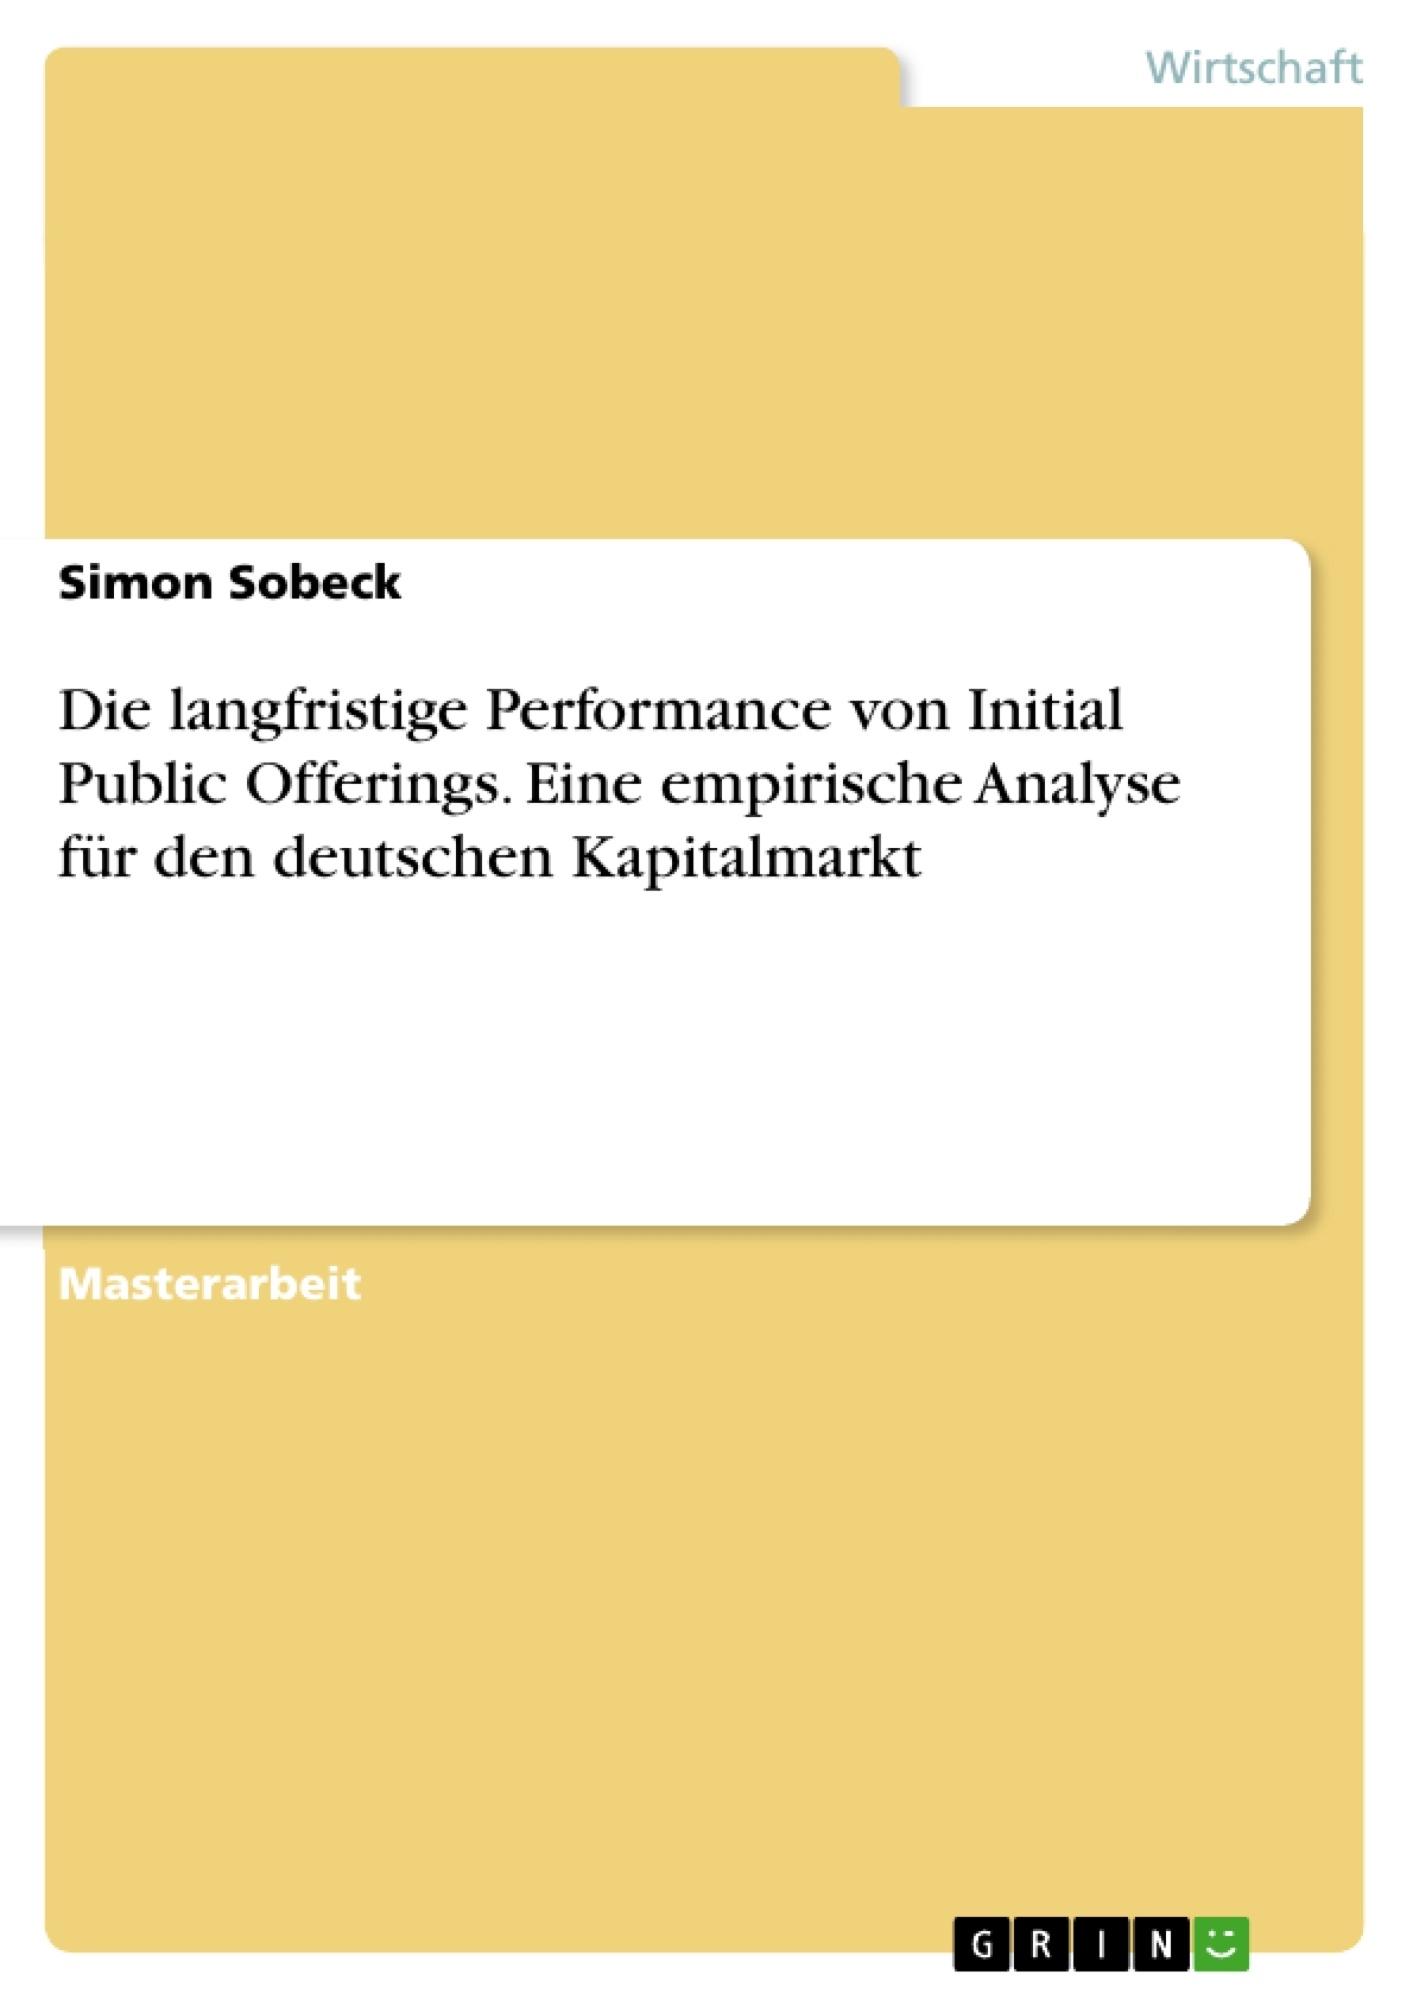 Titel: Die langfristige Performance von Initial Public Offerings. Eine empirische Analyse für den deutschen Kapitalmarkt